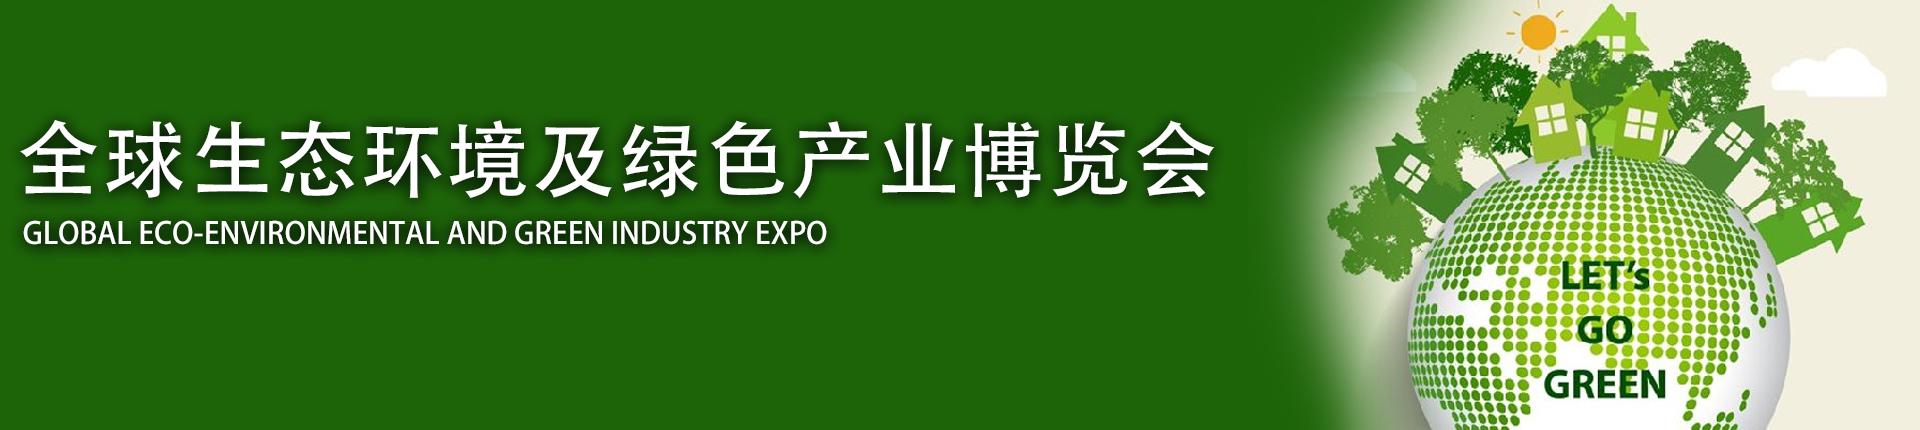 云展·全球生态环境及绿色产业博览会